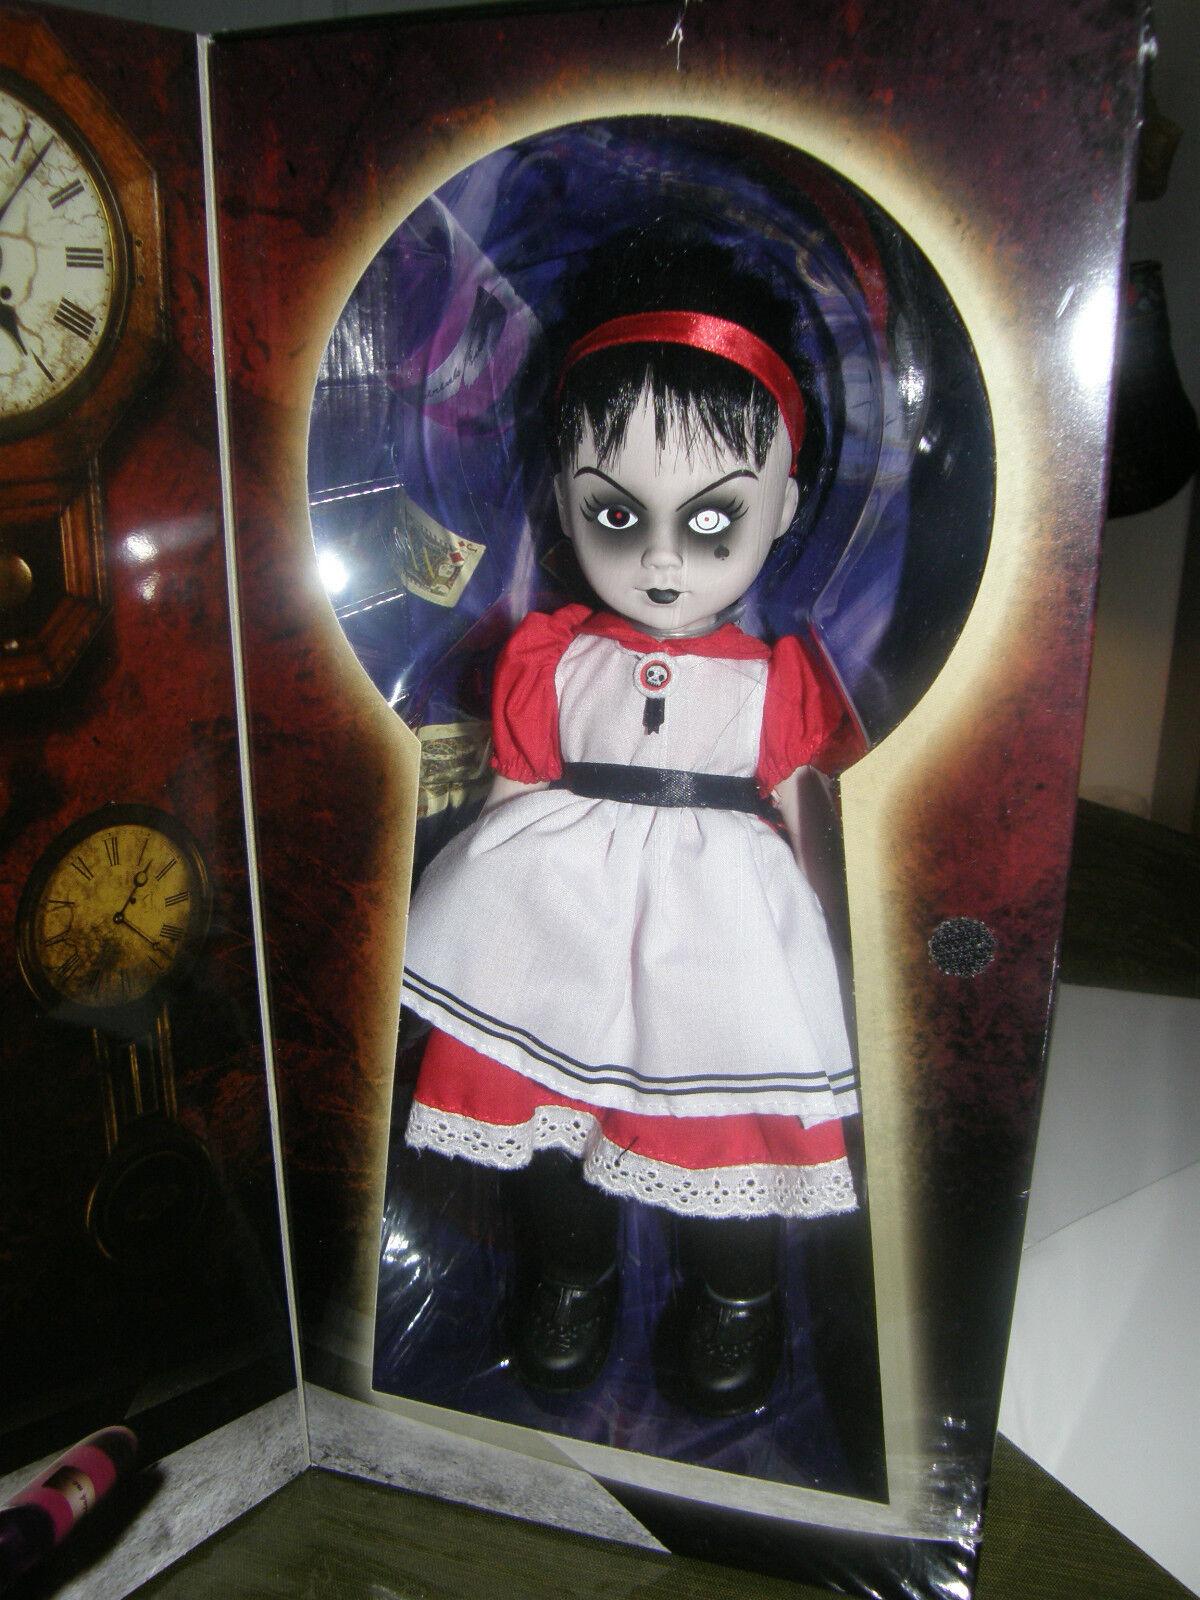 Living Dead Doll Alicia en el país de las maravillas  Sadie  2009 Muñeca de sellado de fábrica